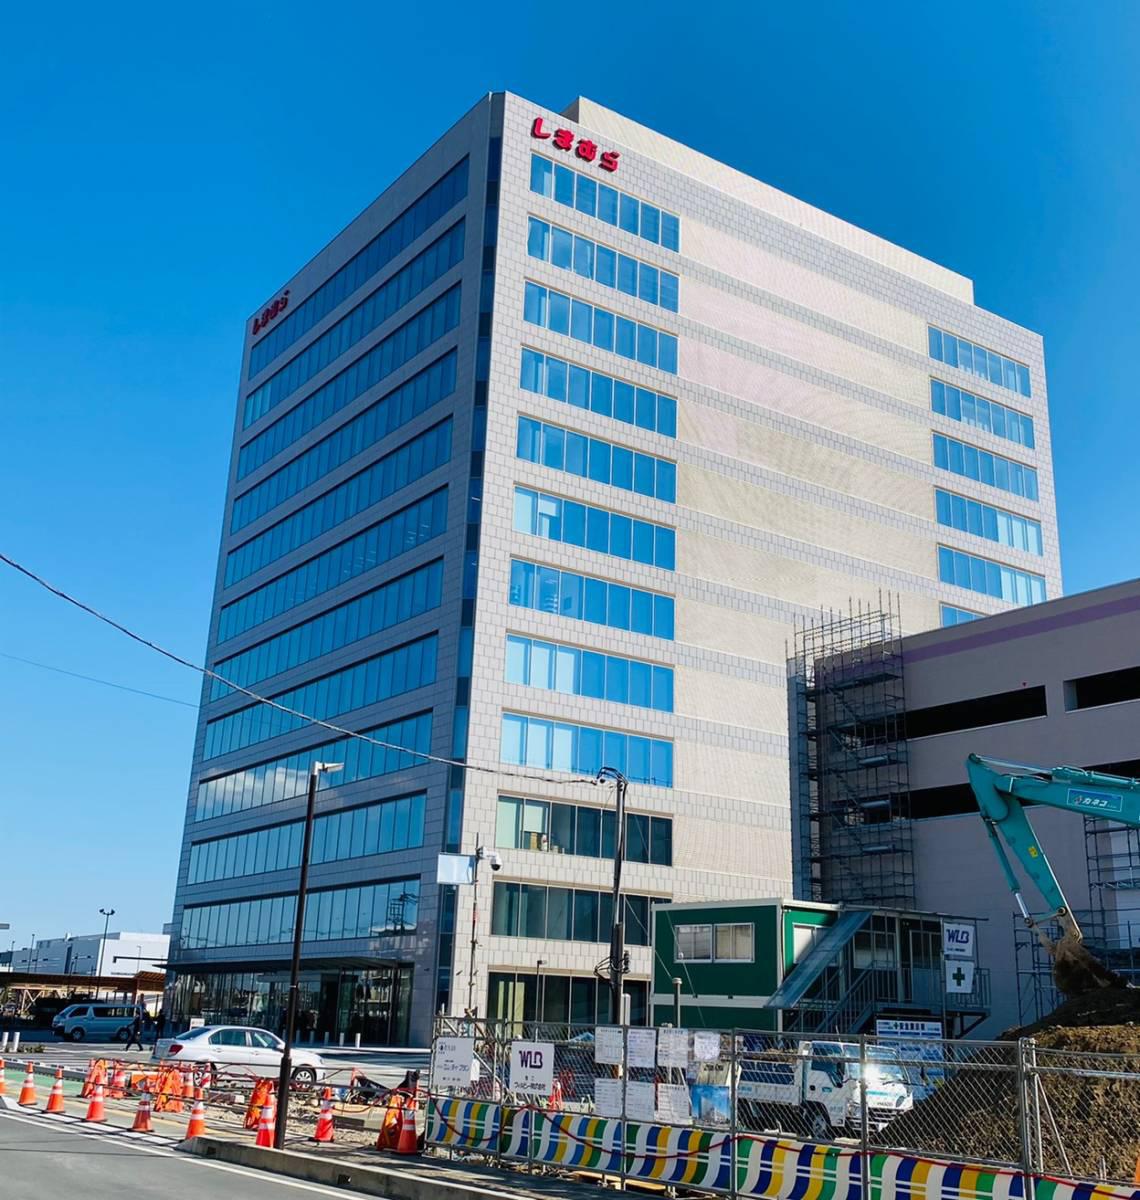 さいたま新都心駅東口に『しまむら』本社が移転!2020年3月下旬に本社棟の隣に『さいたま新都心ファッションモール』がオープン。